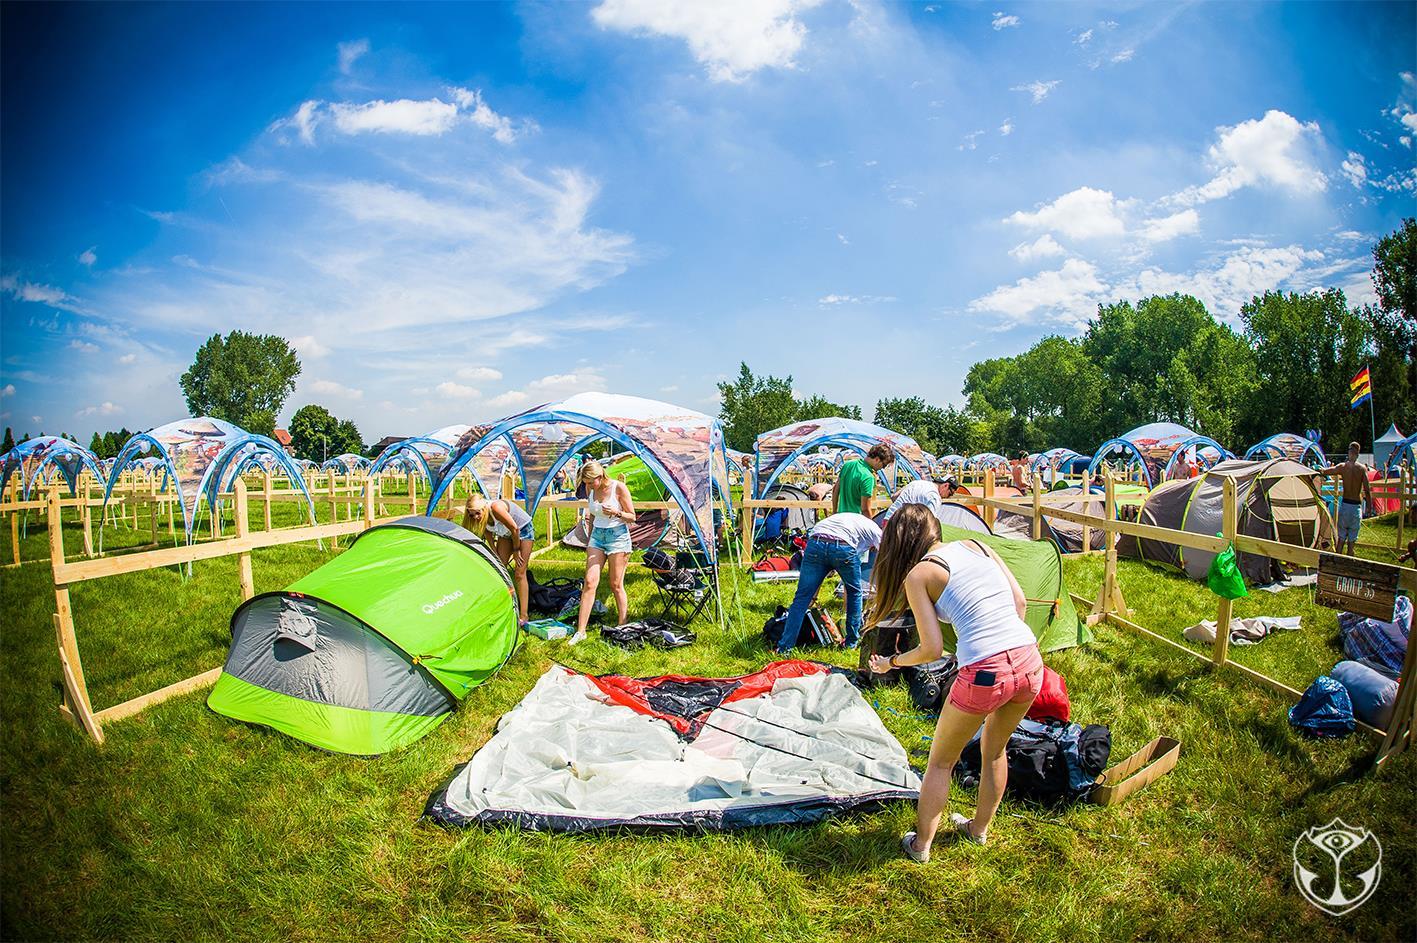 survival paket für das festival camping ~ Geschirrspülmaschine Für Camping